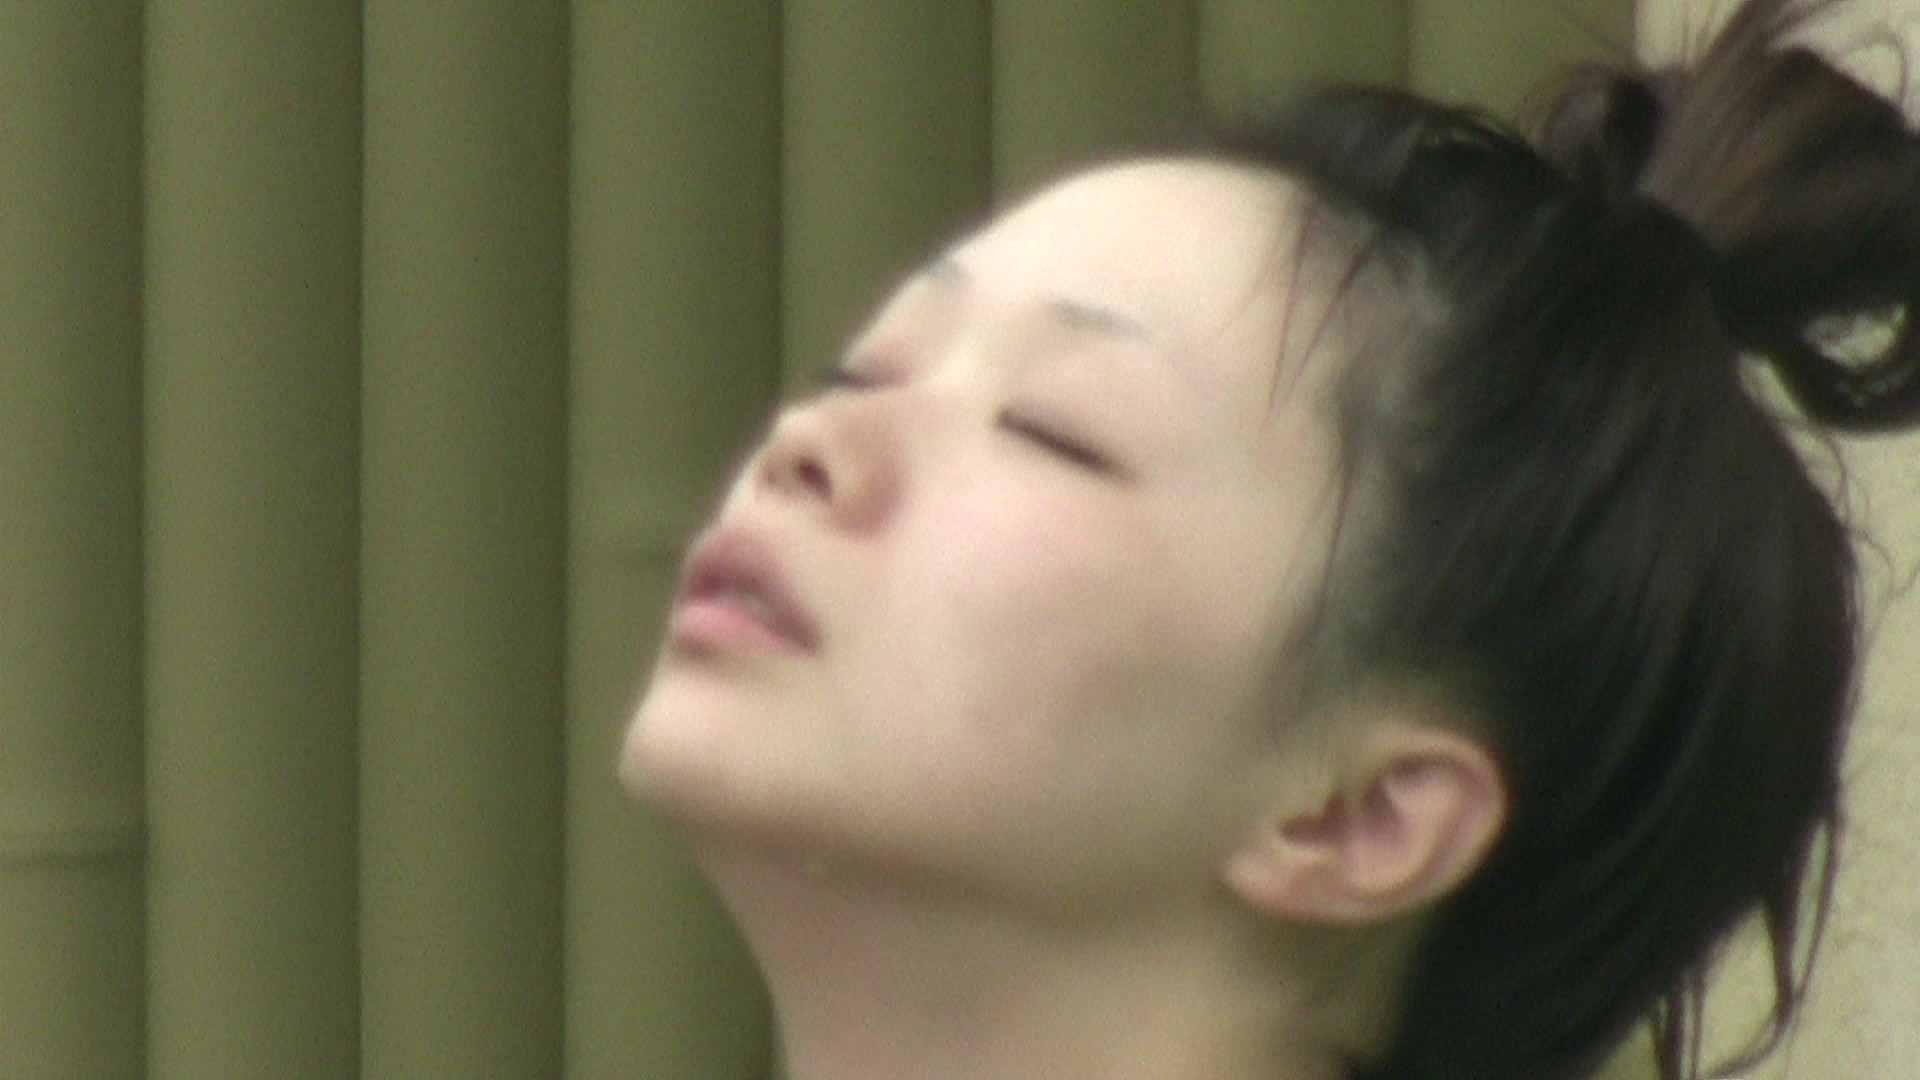 Aquaな露天風呂Vol.189 OL女体 盗撮動画紹介 80連発 47